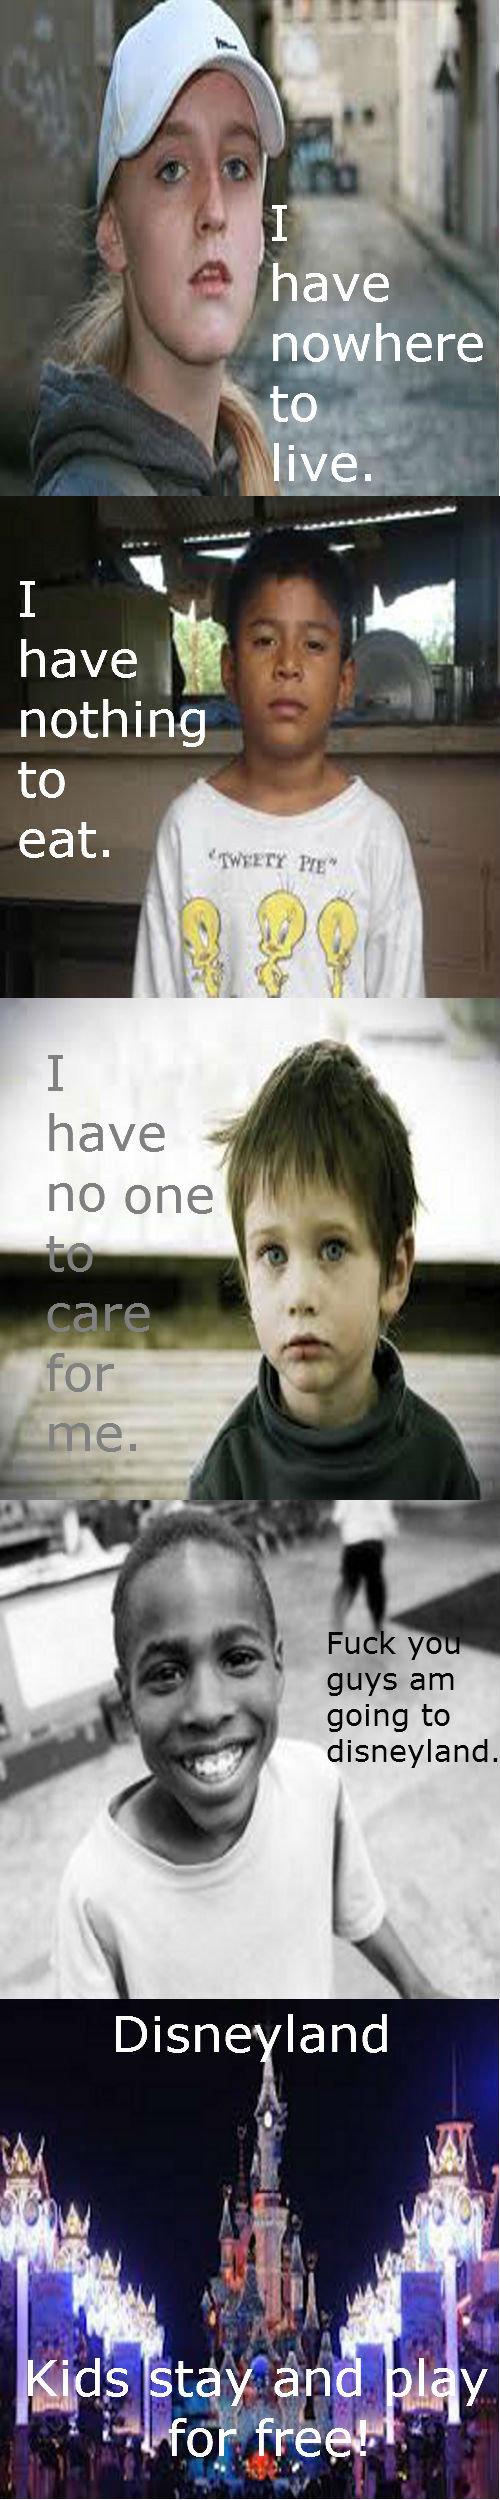 Smart homeless kid.. . going to homeless kids disneyland